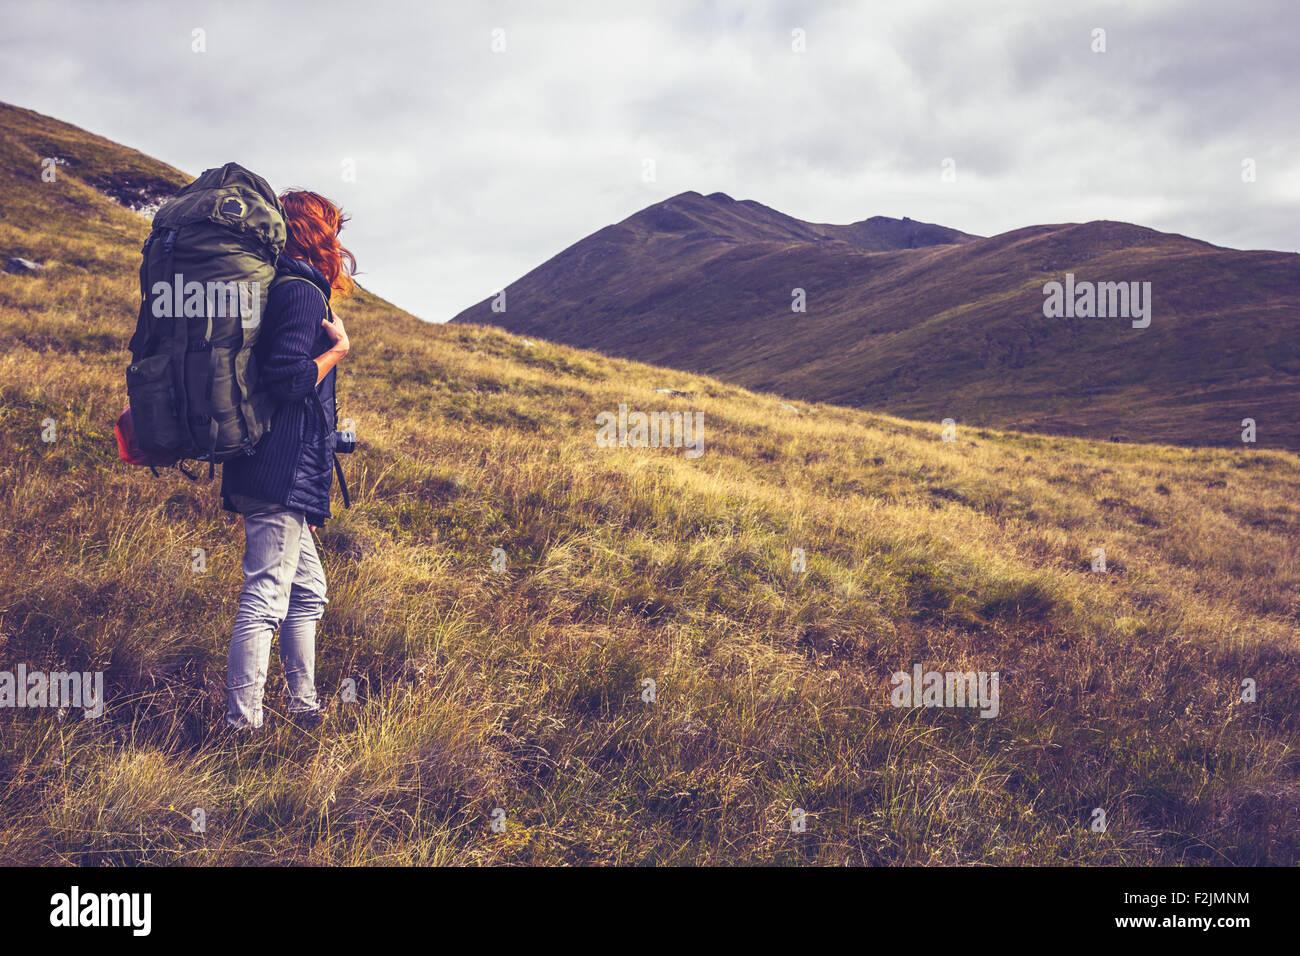 Jeune femme en pleine nature randonnée avec des montagnes Photo Stock